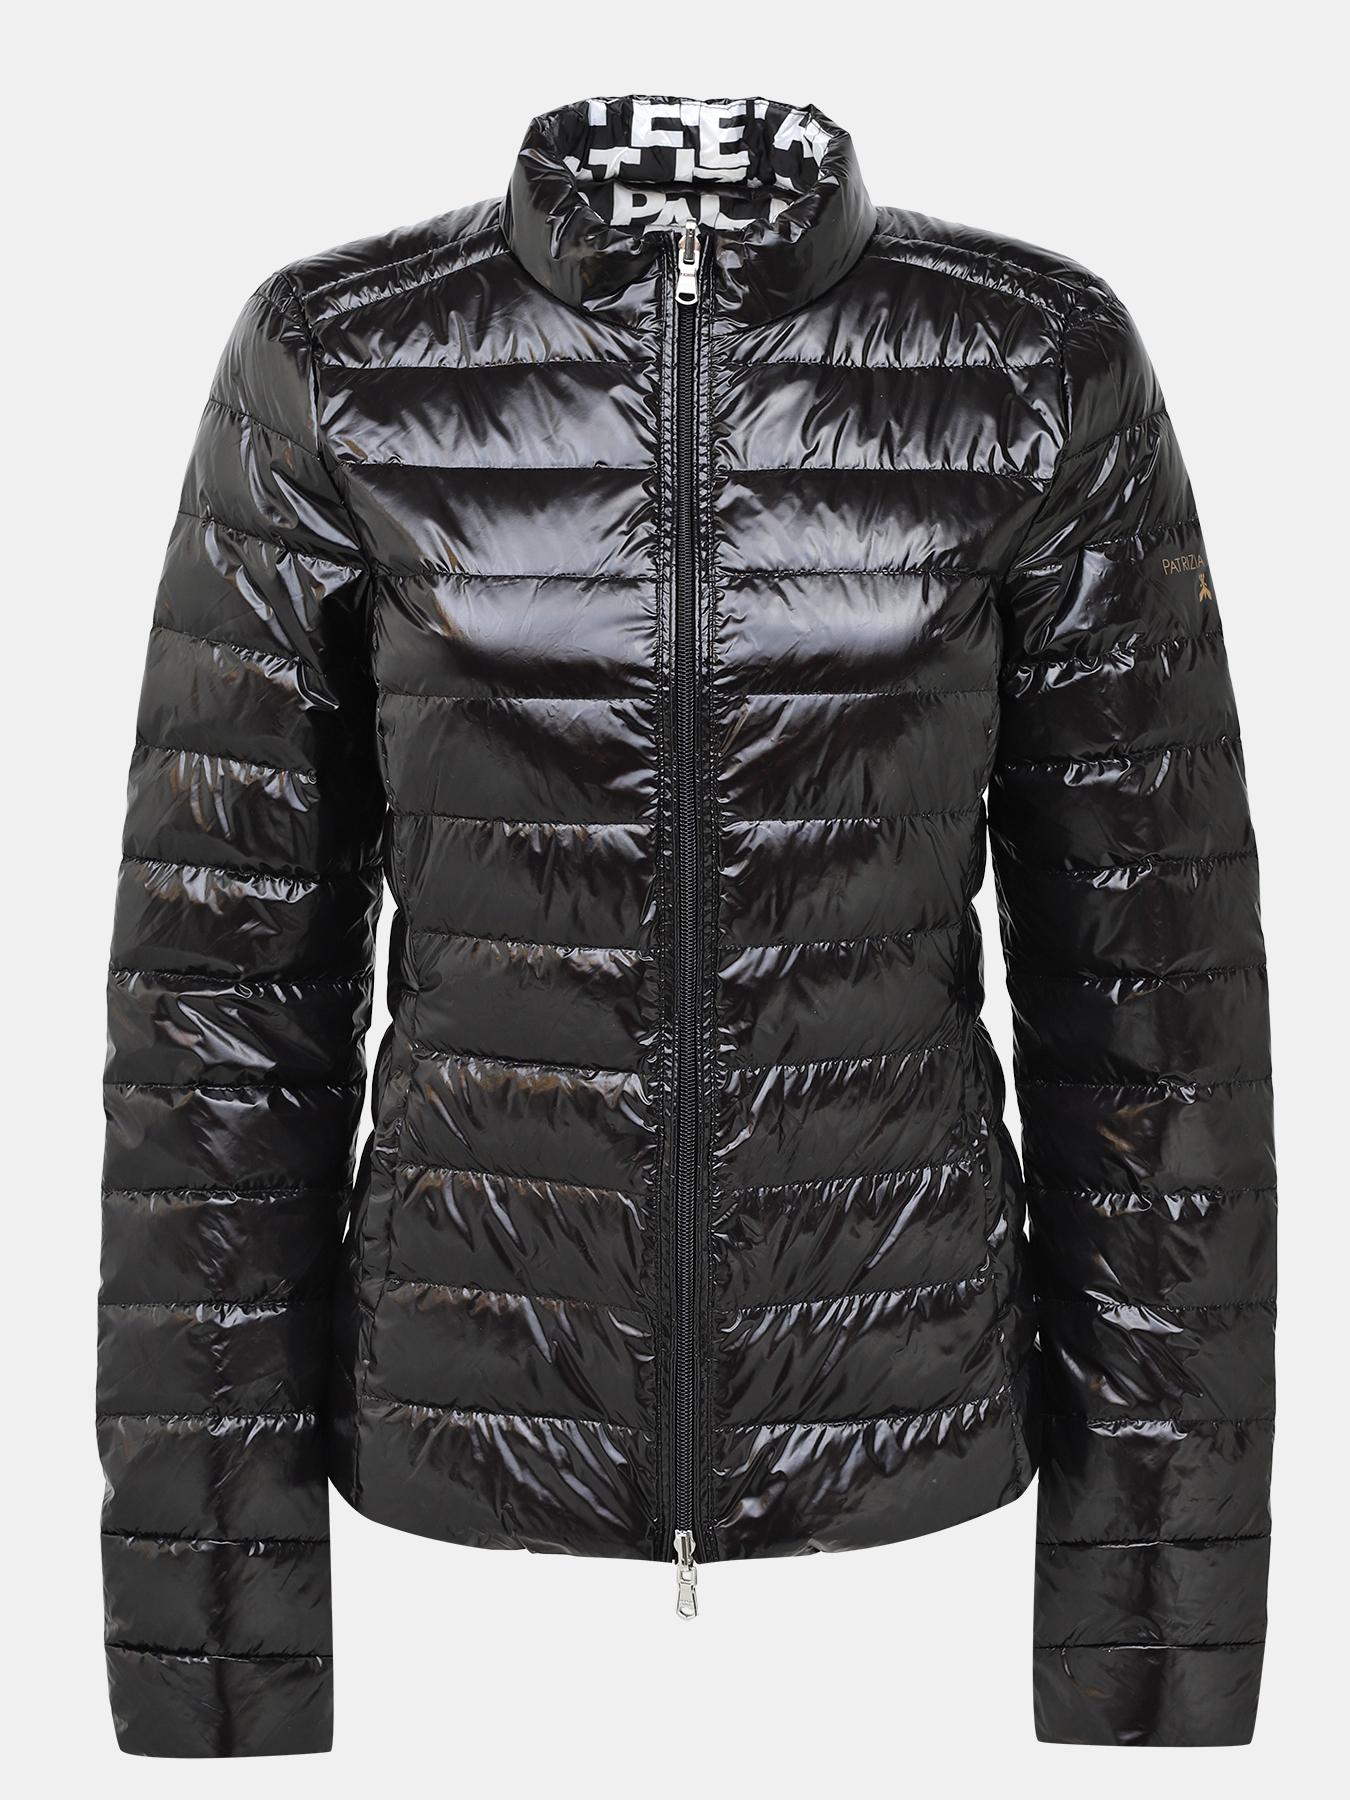 Фото - Куртки Patrizia Pepe Двусторонняя куртка patrizia pepe куртка